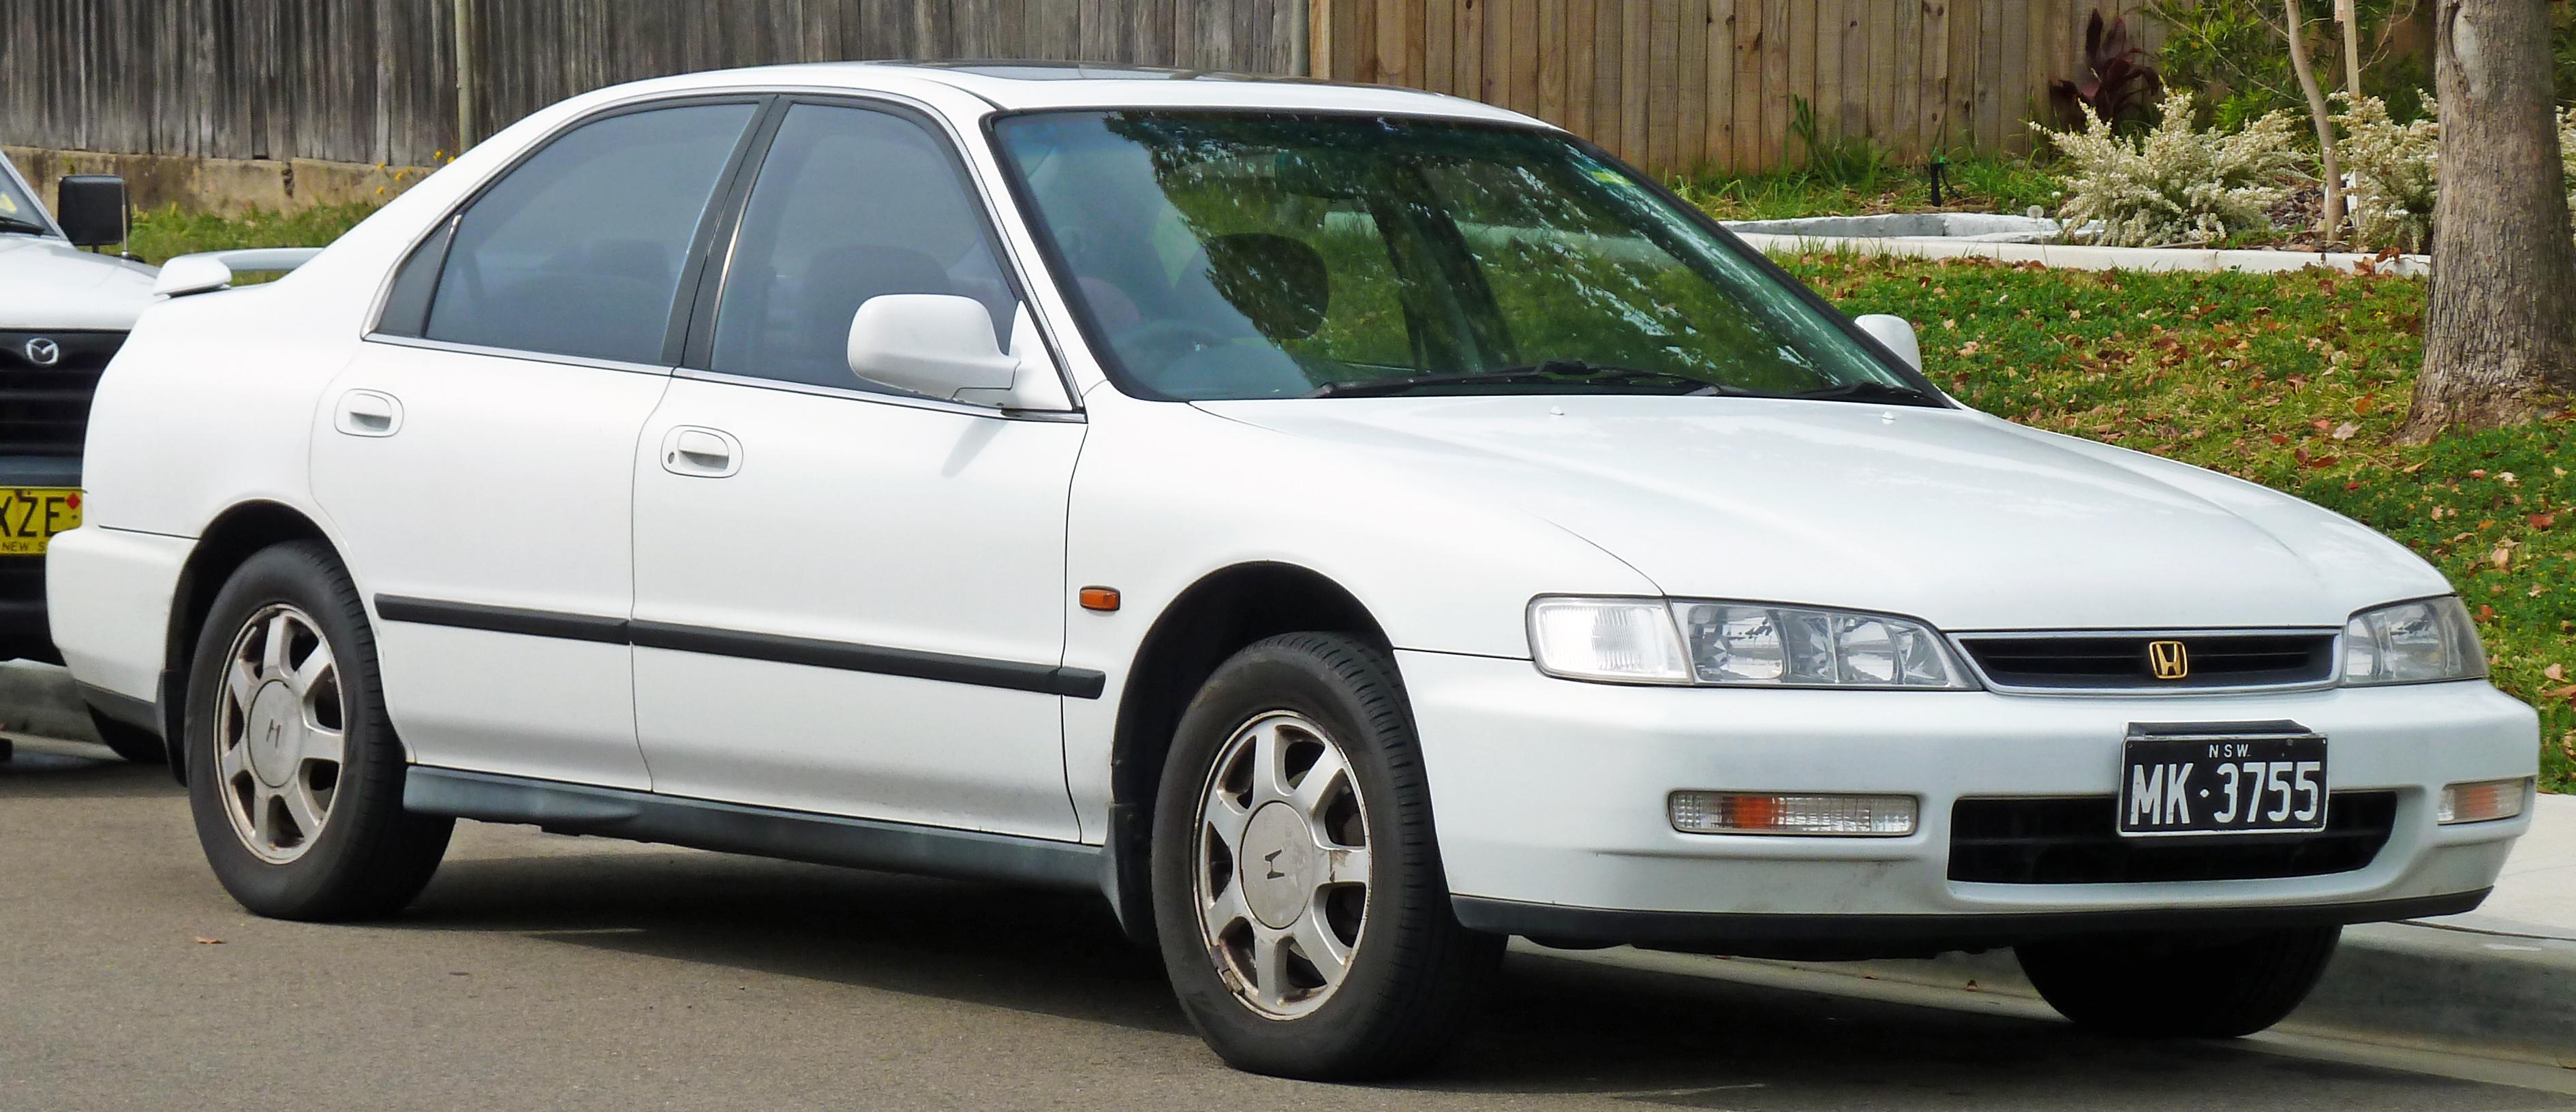 Kekurangan Honda Accord 1997 Spesifikasi